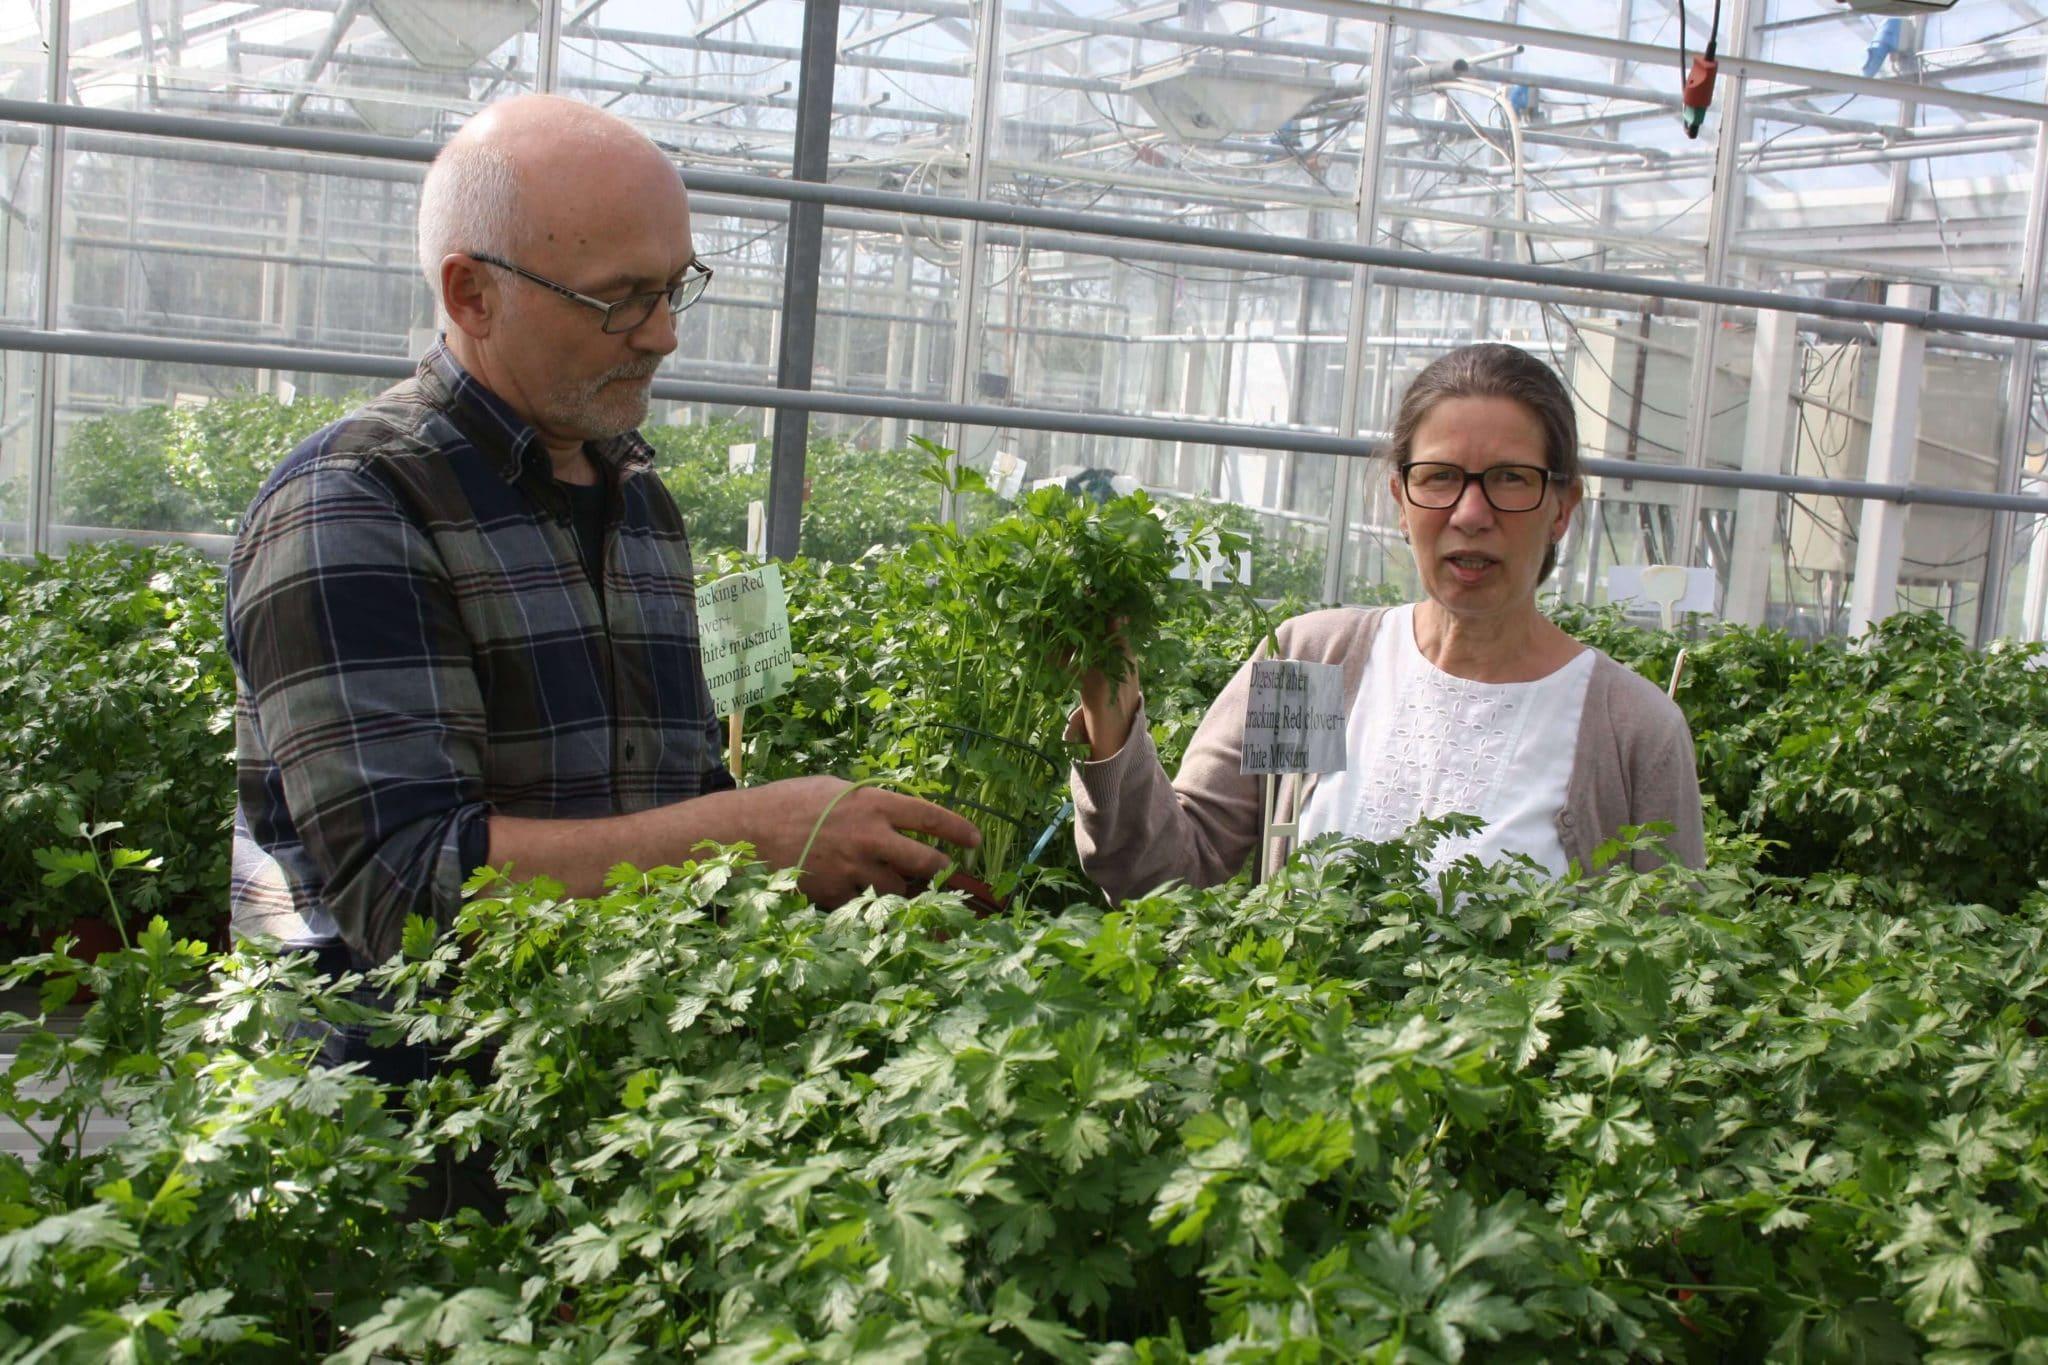 Senior forsker v. AAUKaren K. Petersen Med direktør Carsten Jacobsen